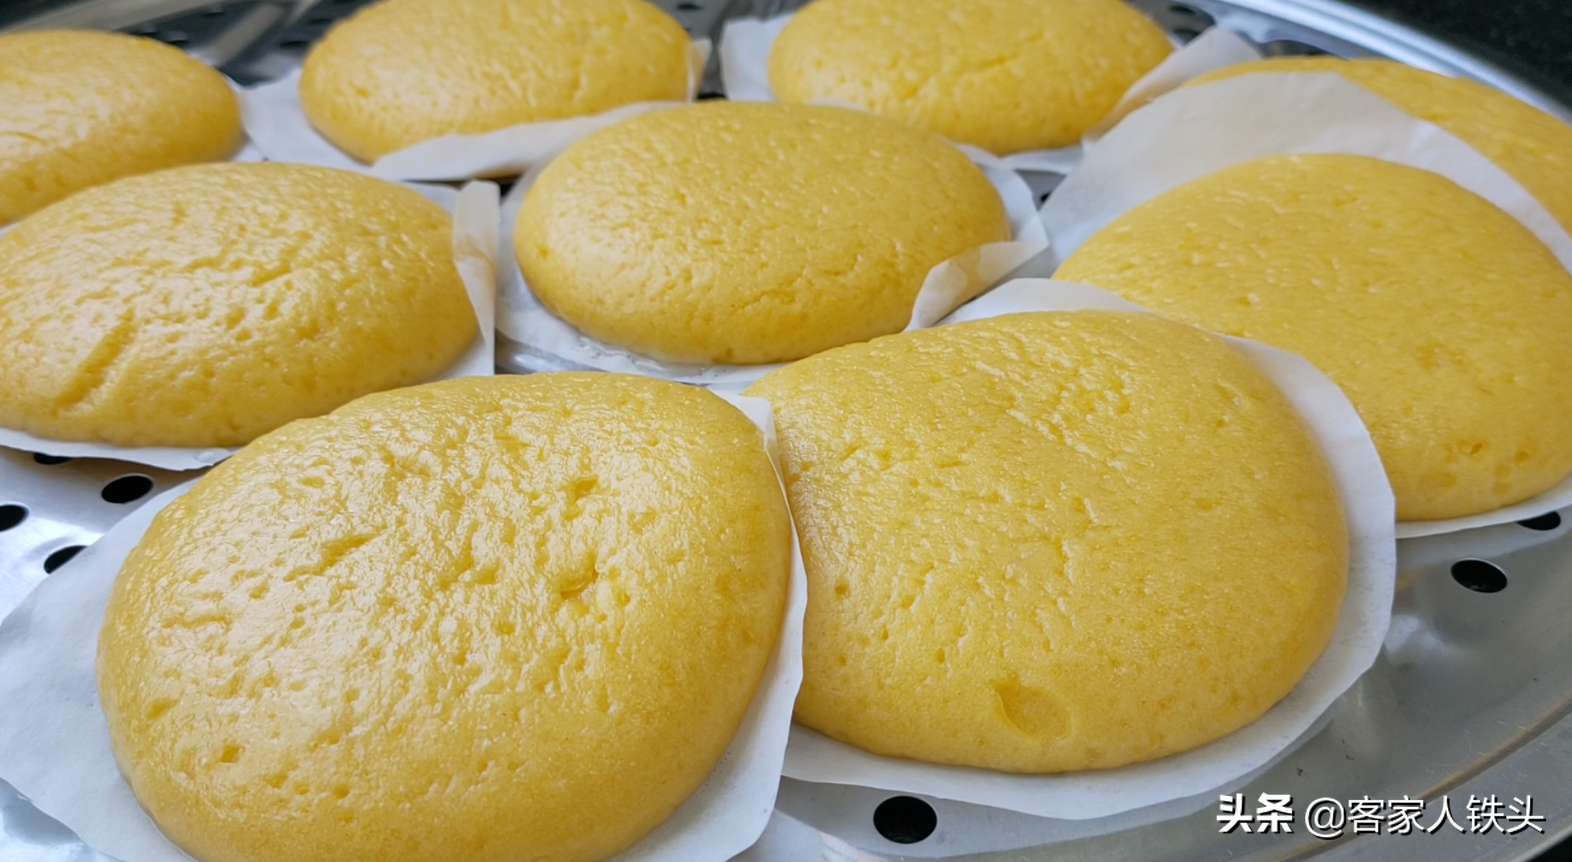 天冷吃什麼早餐好? 試試一款客家傳統的南瓜發粄,簡單營養又好吃